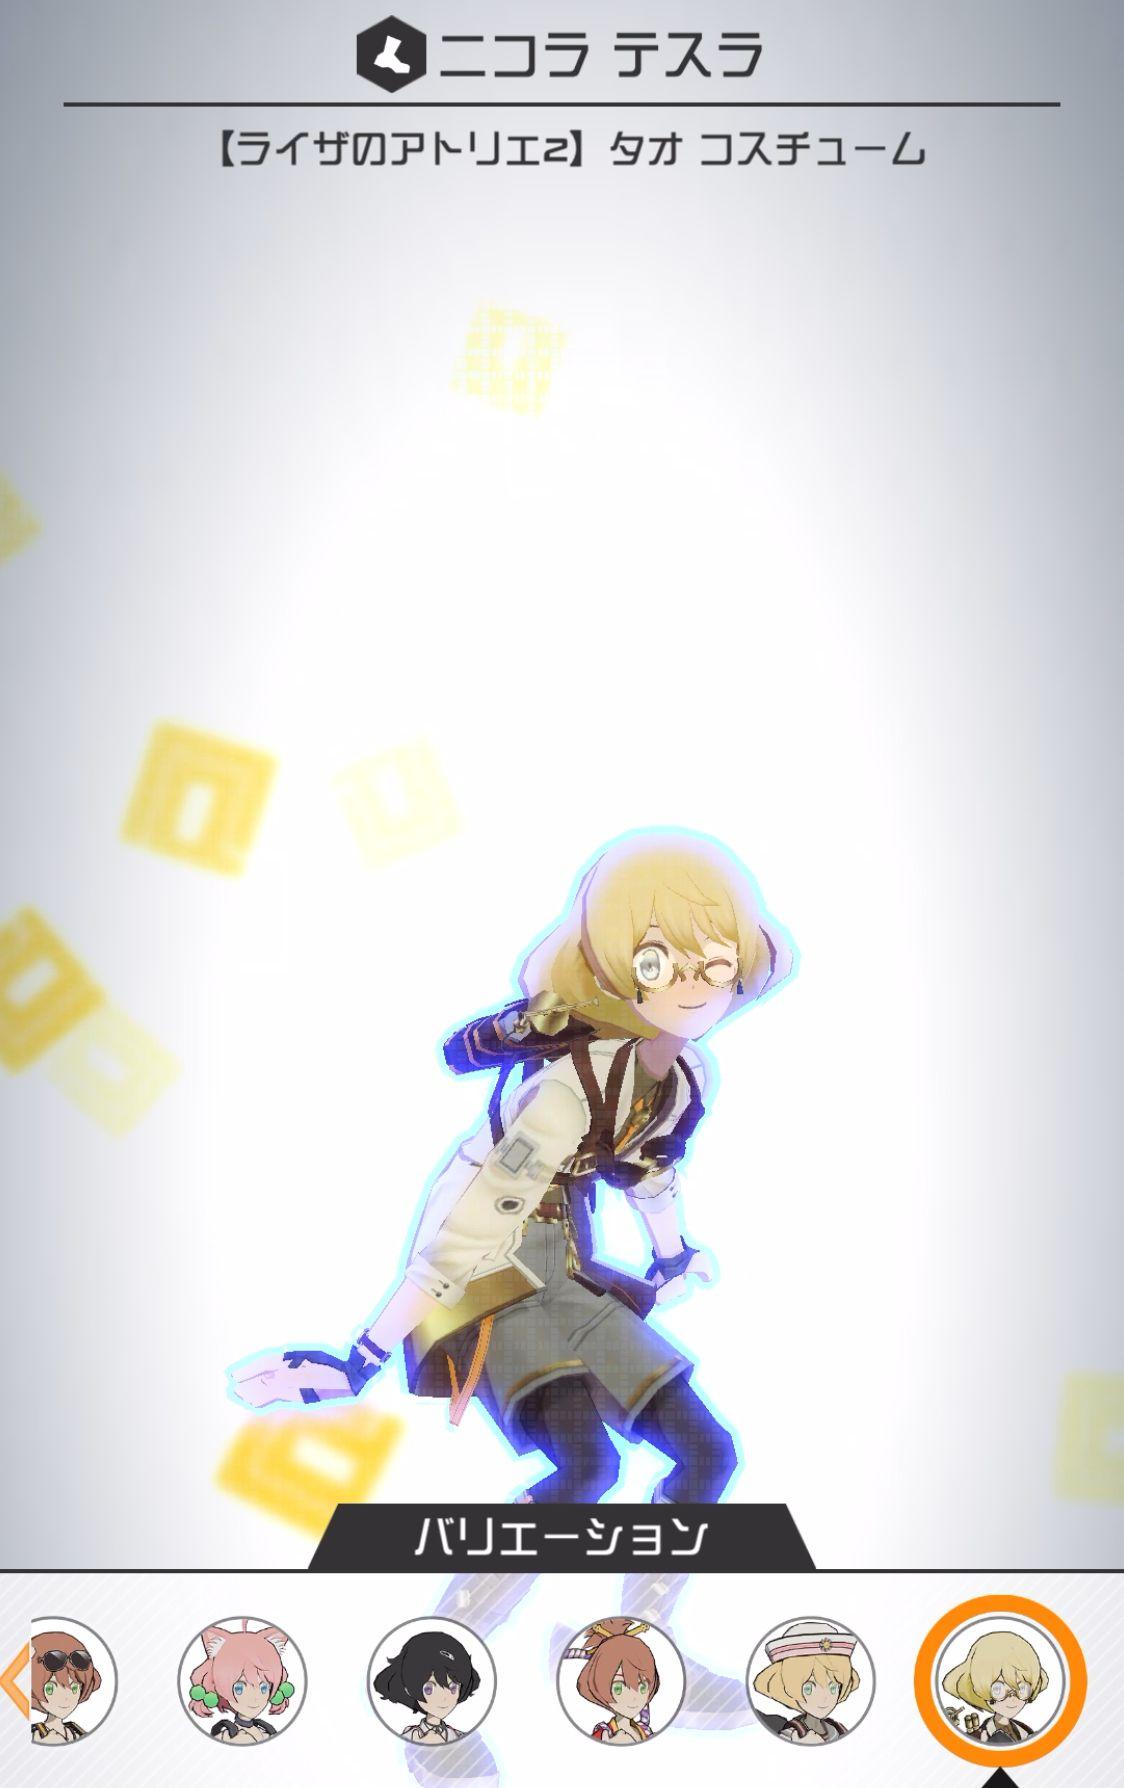 #コンパス【カード】: 『ライザのアトリエ2』コラボカード&コスチューム紹介!ガンナー必見!!攻撃寄り新型ドルケが登場!?